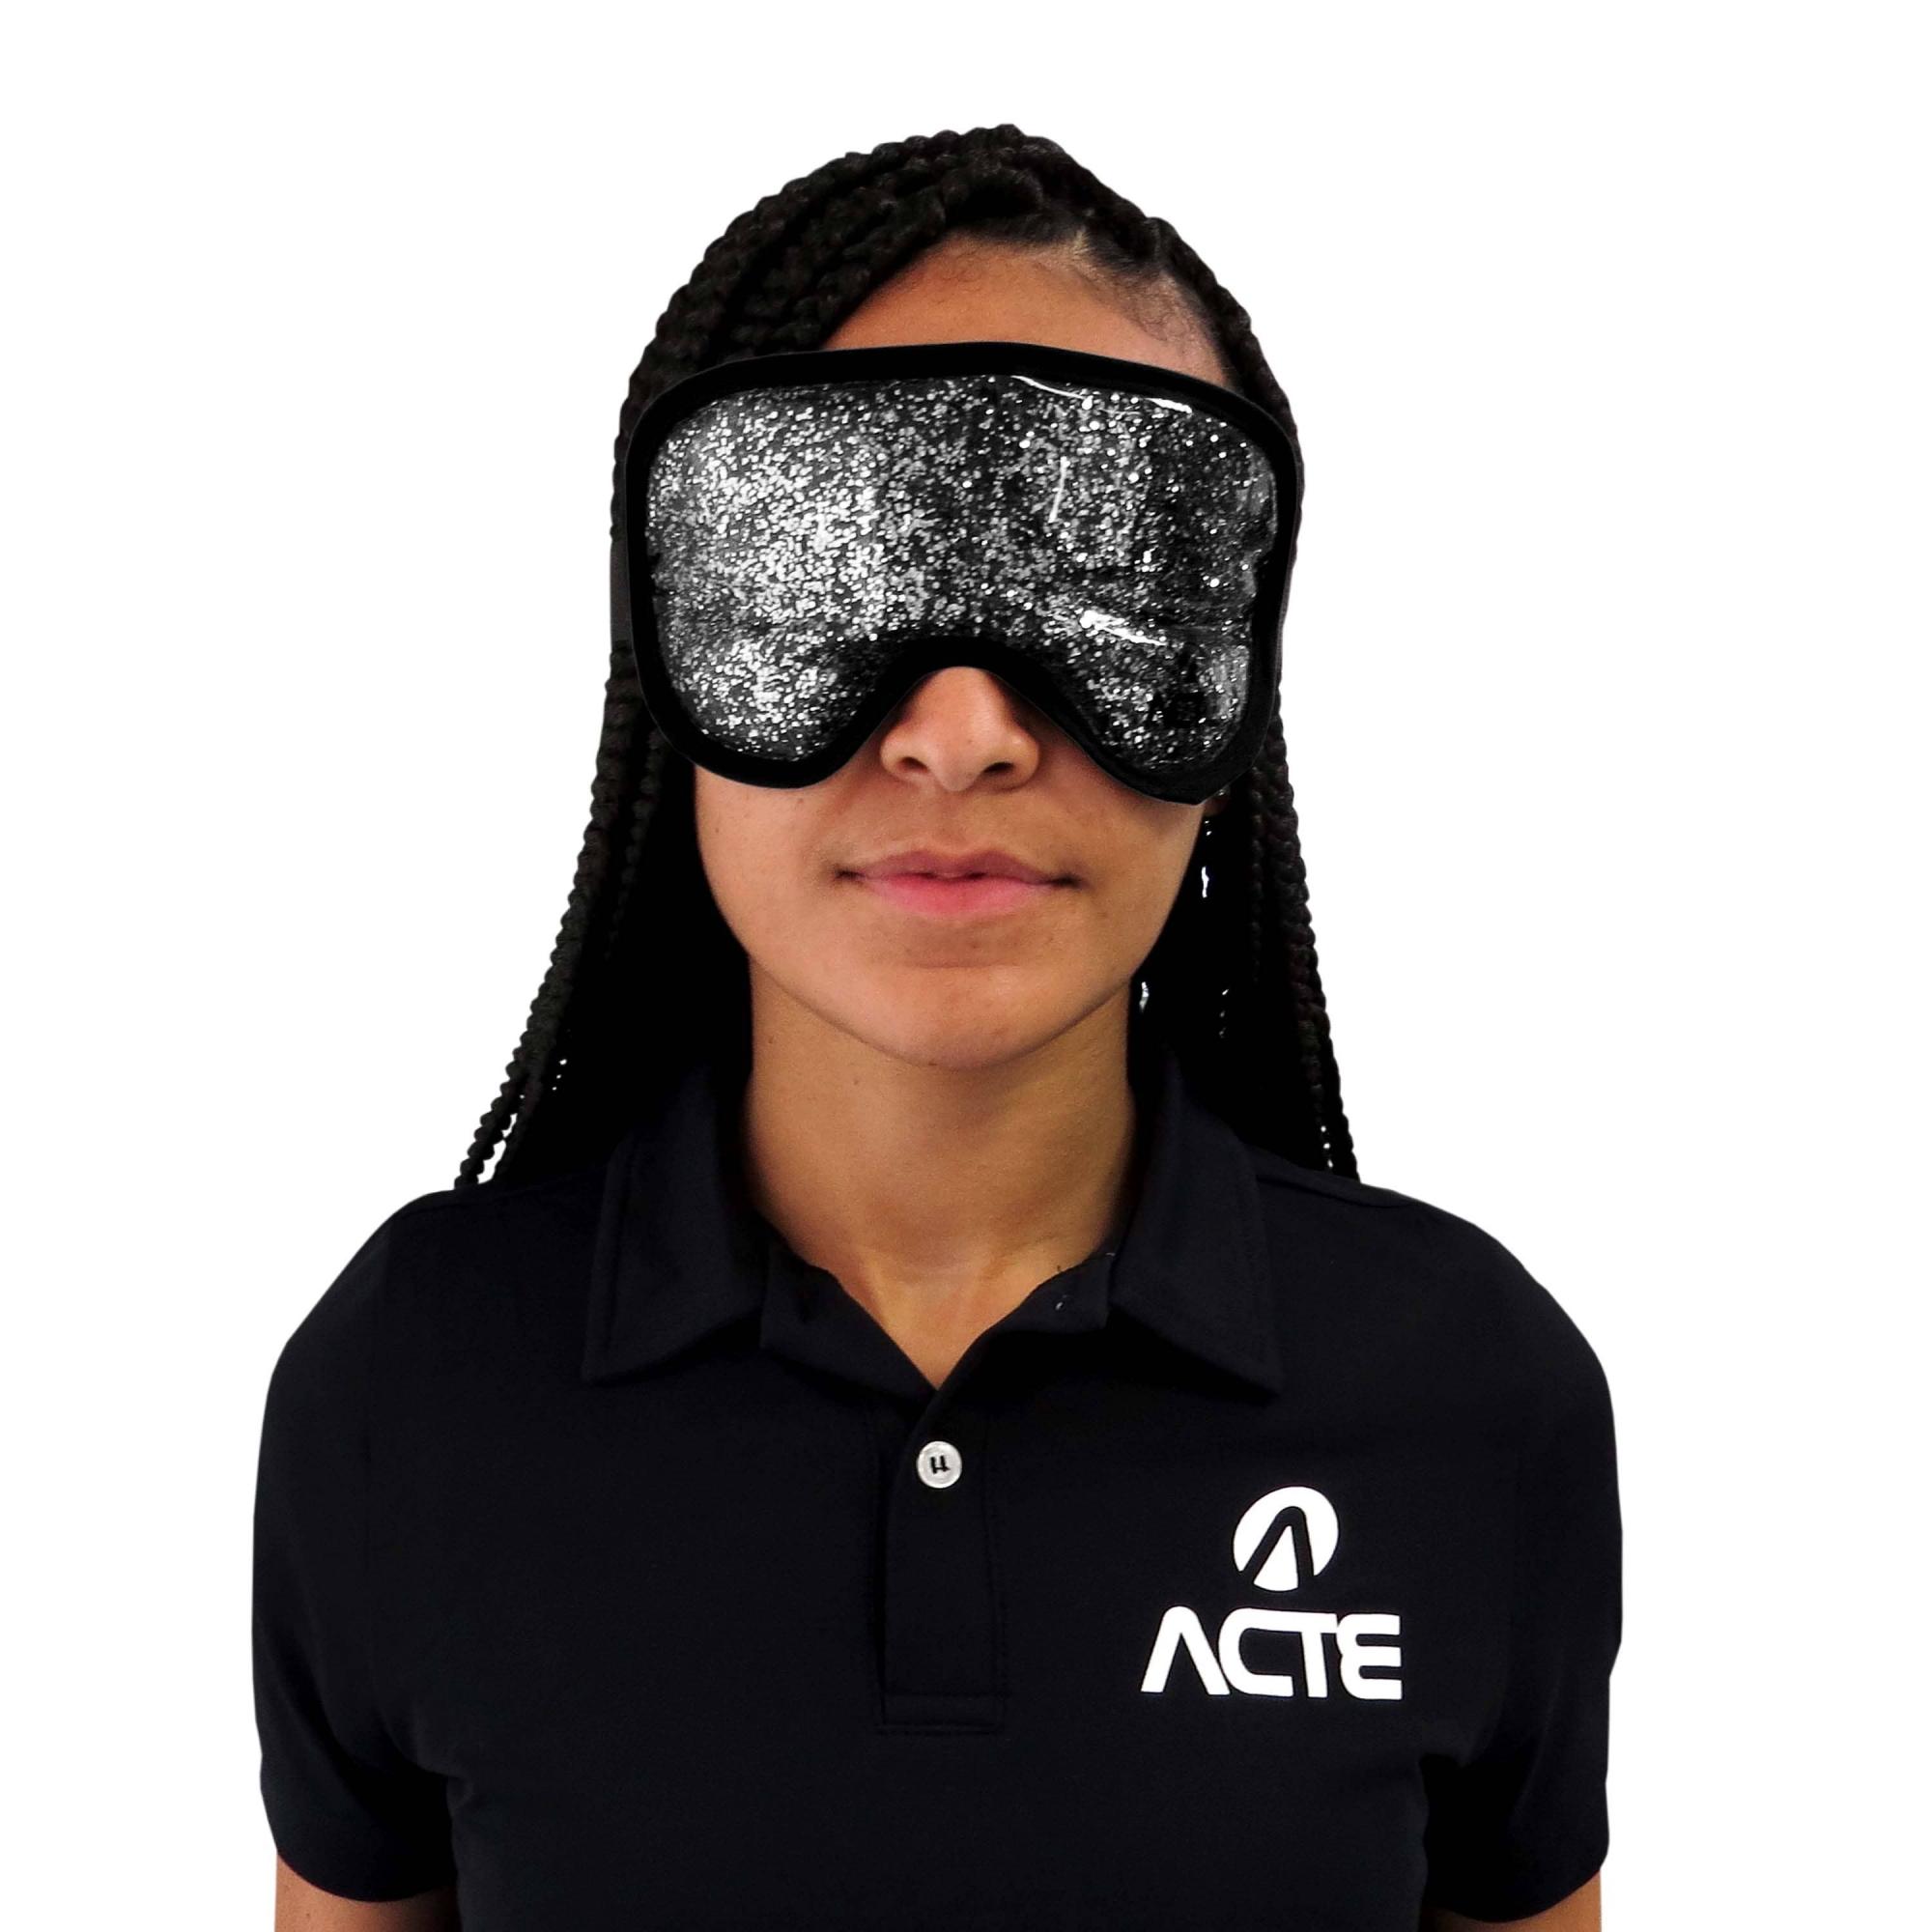 Mascara Facial Glitter Acte